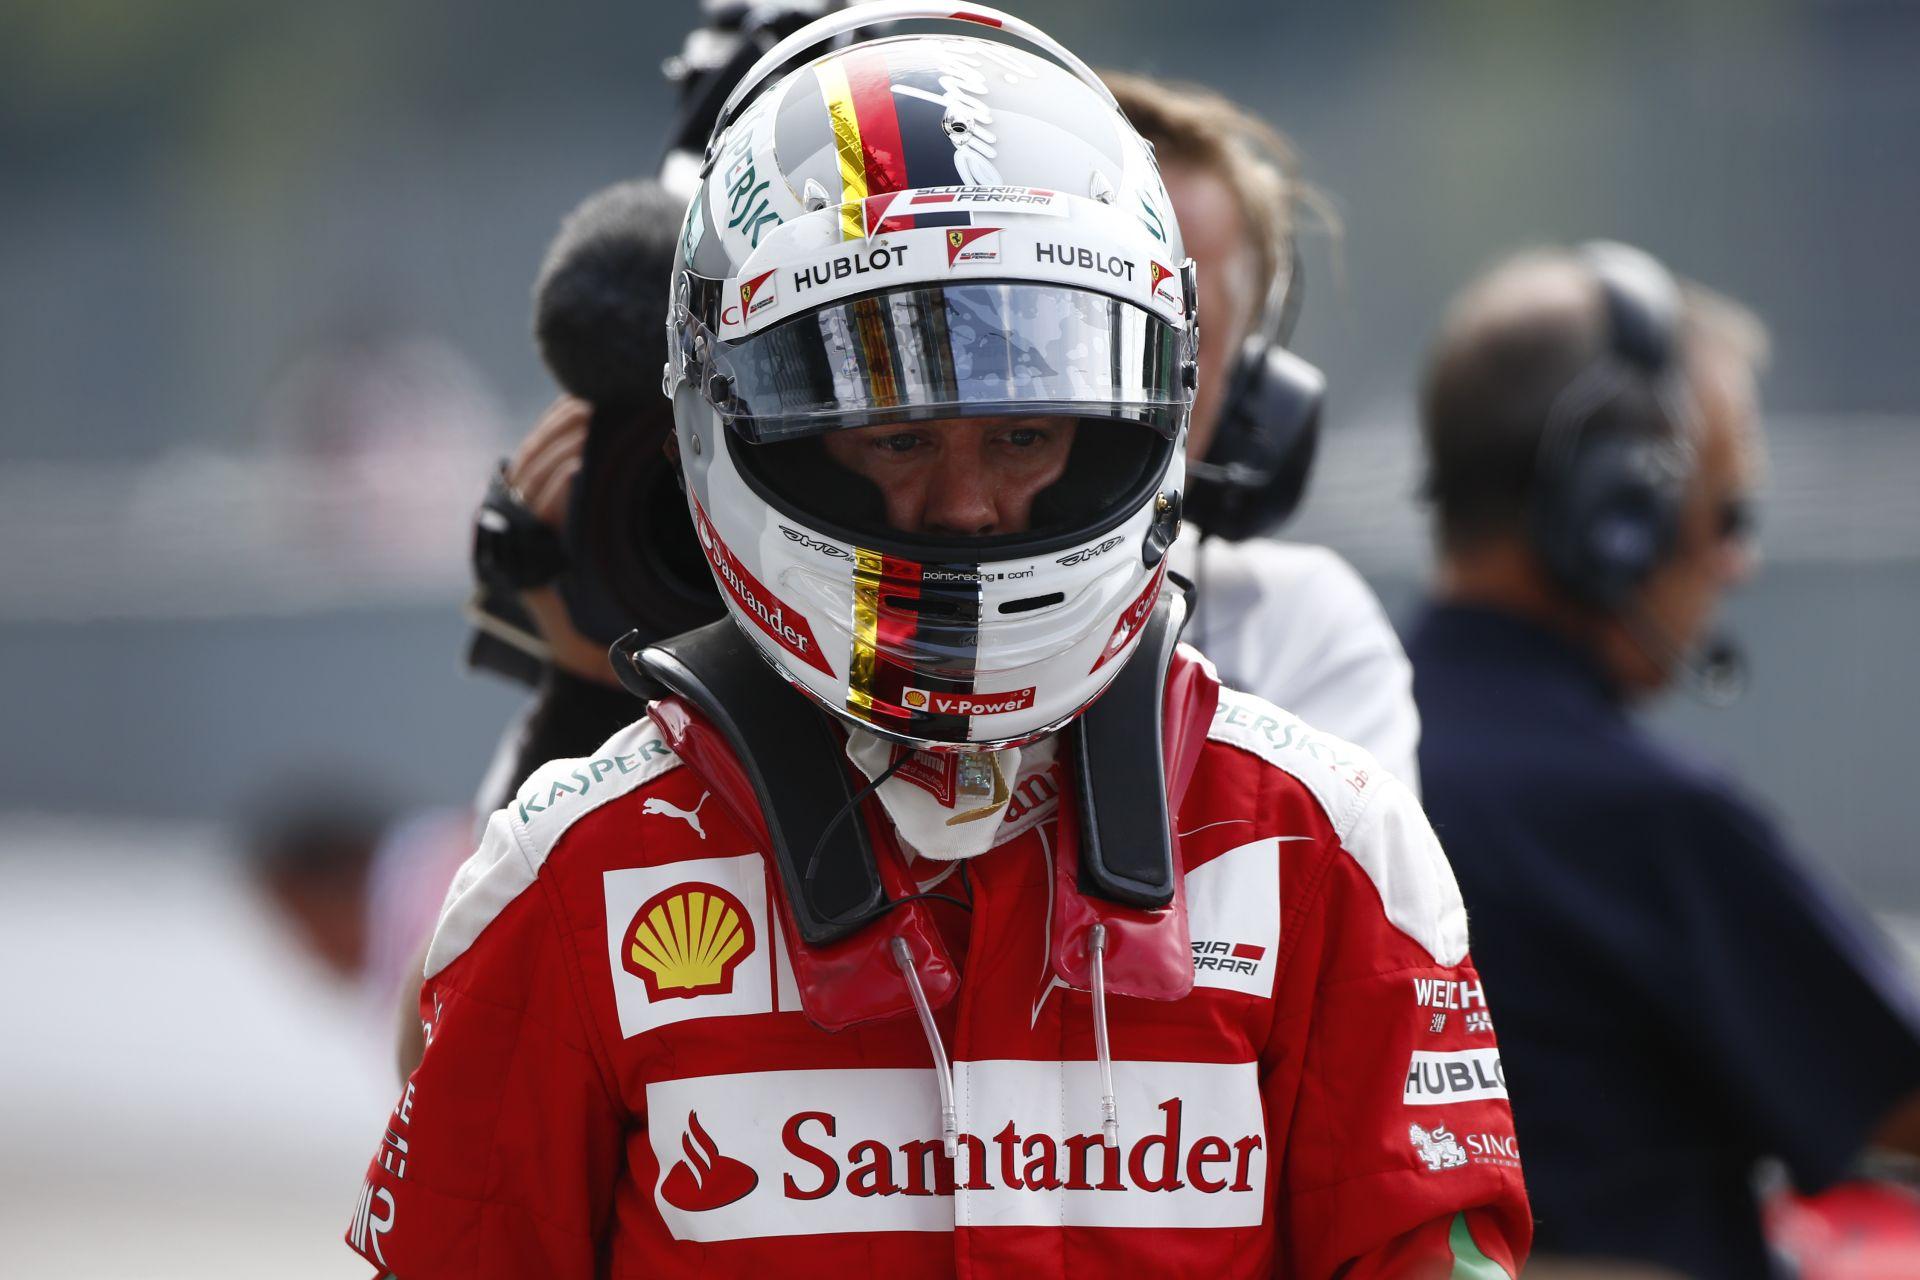 Räikkönen gyorsabb volt mostanában, tehát Vettel gyengélkedik a Ferrarinál?